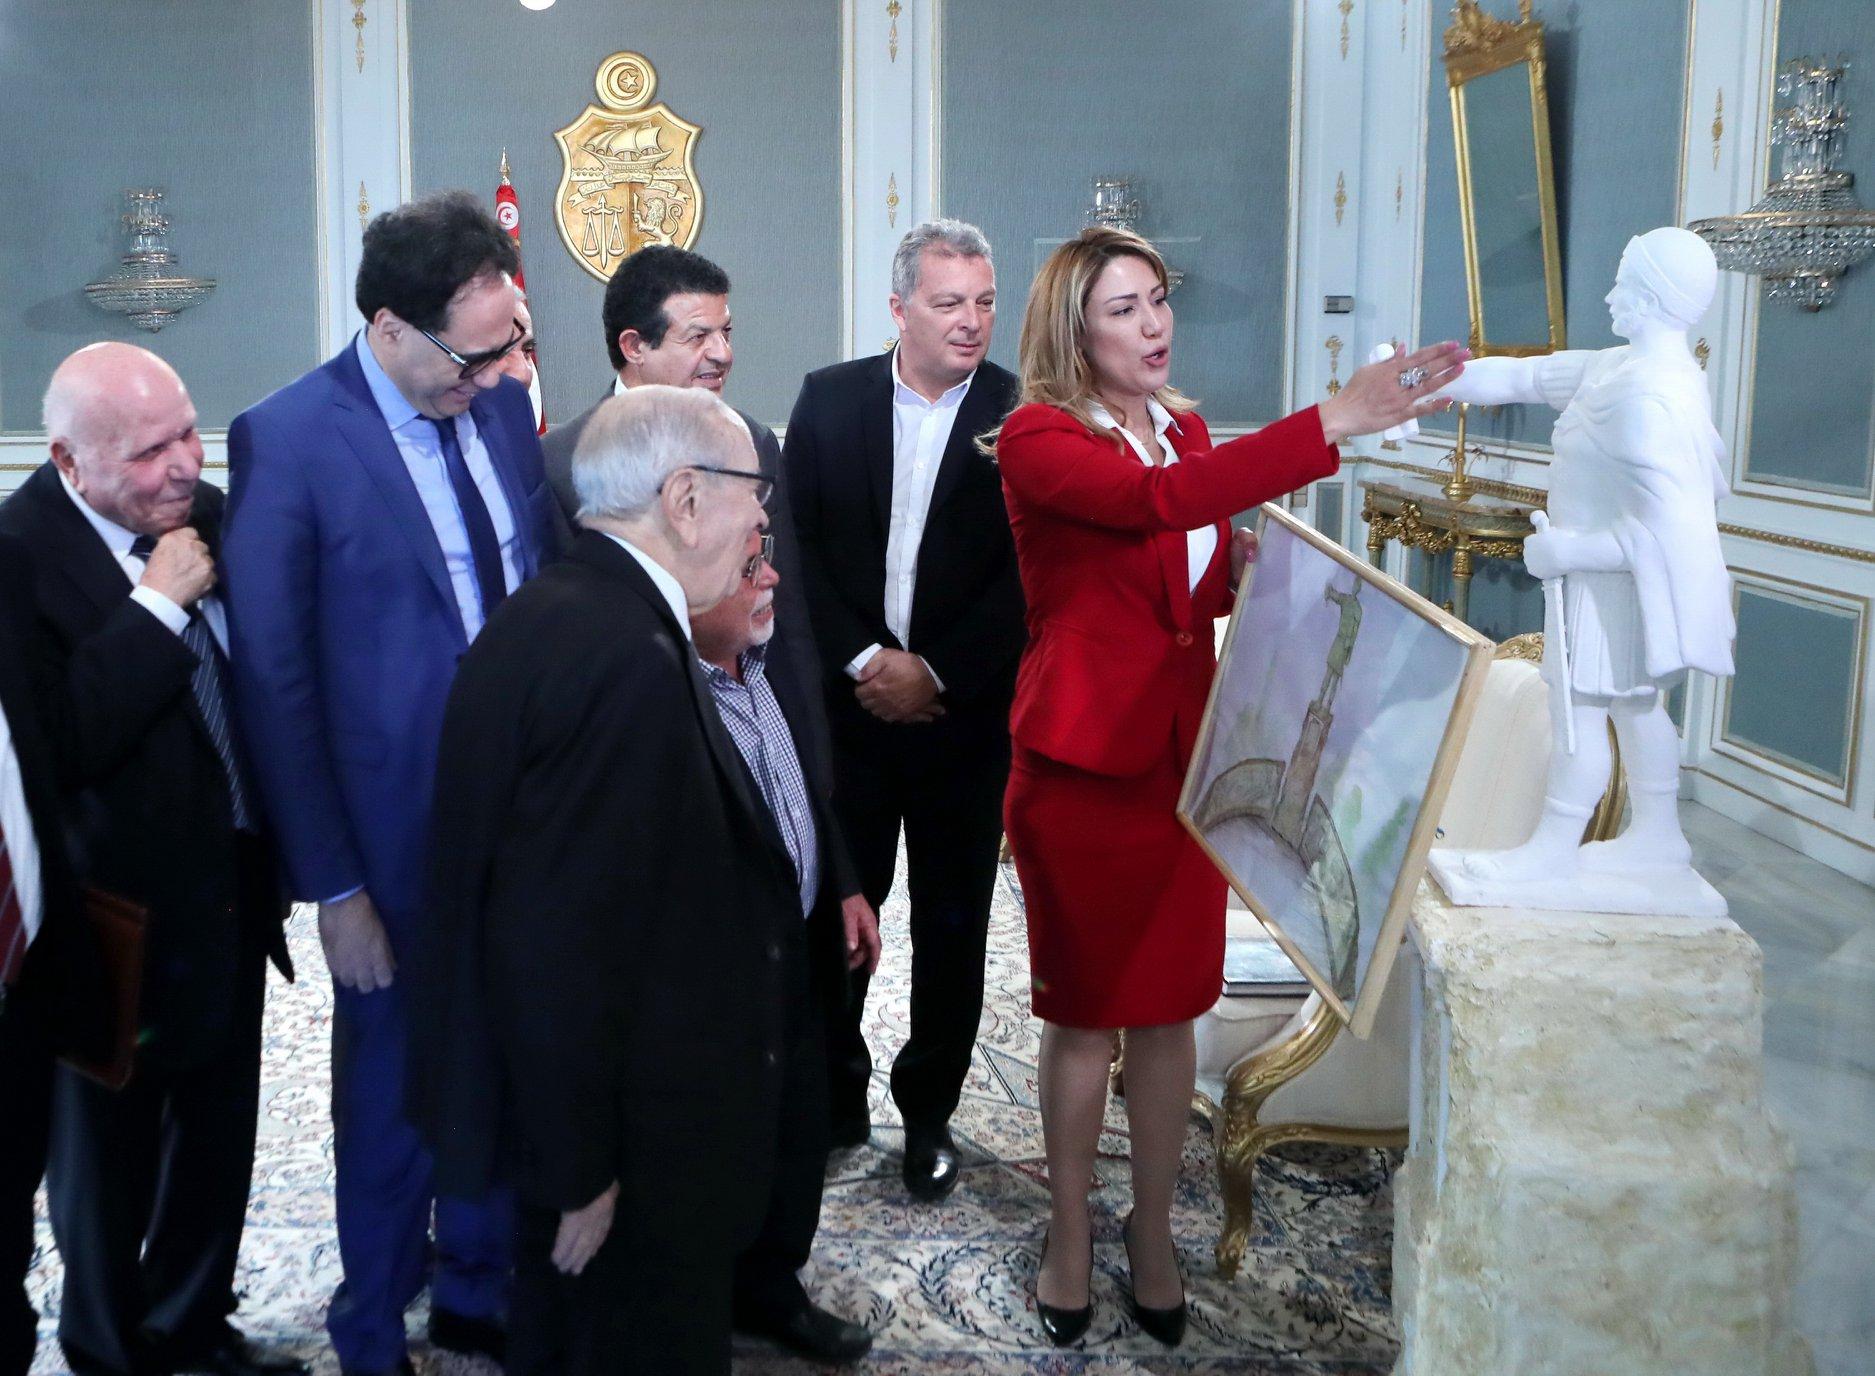 Tunisie- Le projet de statue du leader carthaginois Hannibal  présenté à BCE